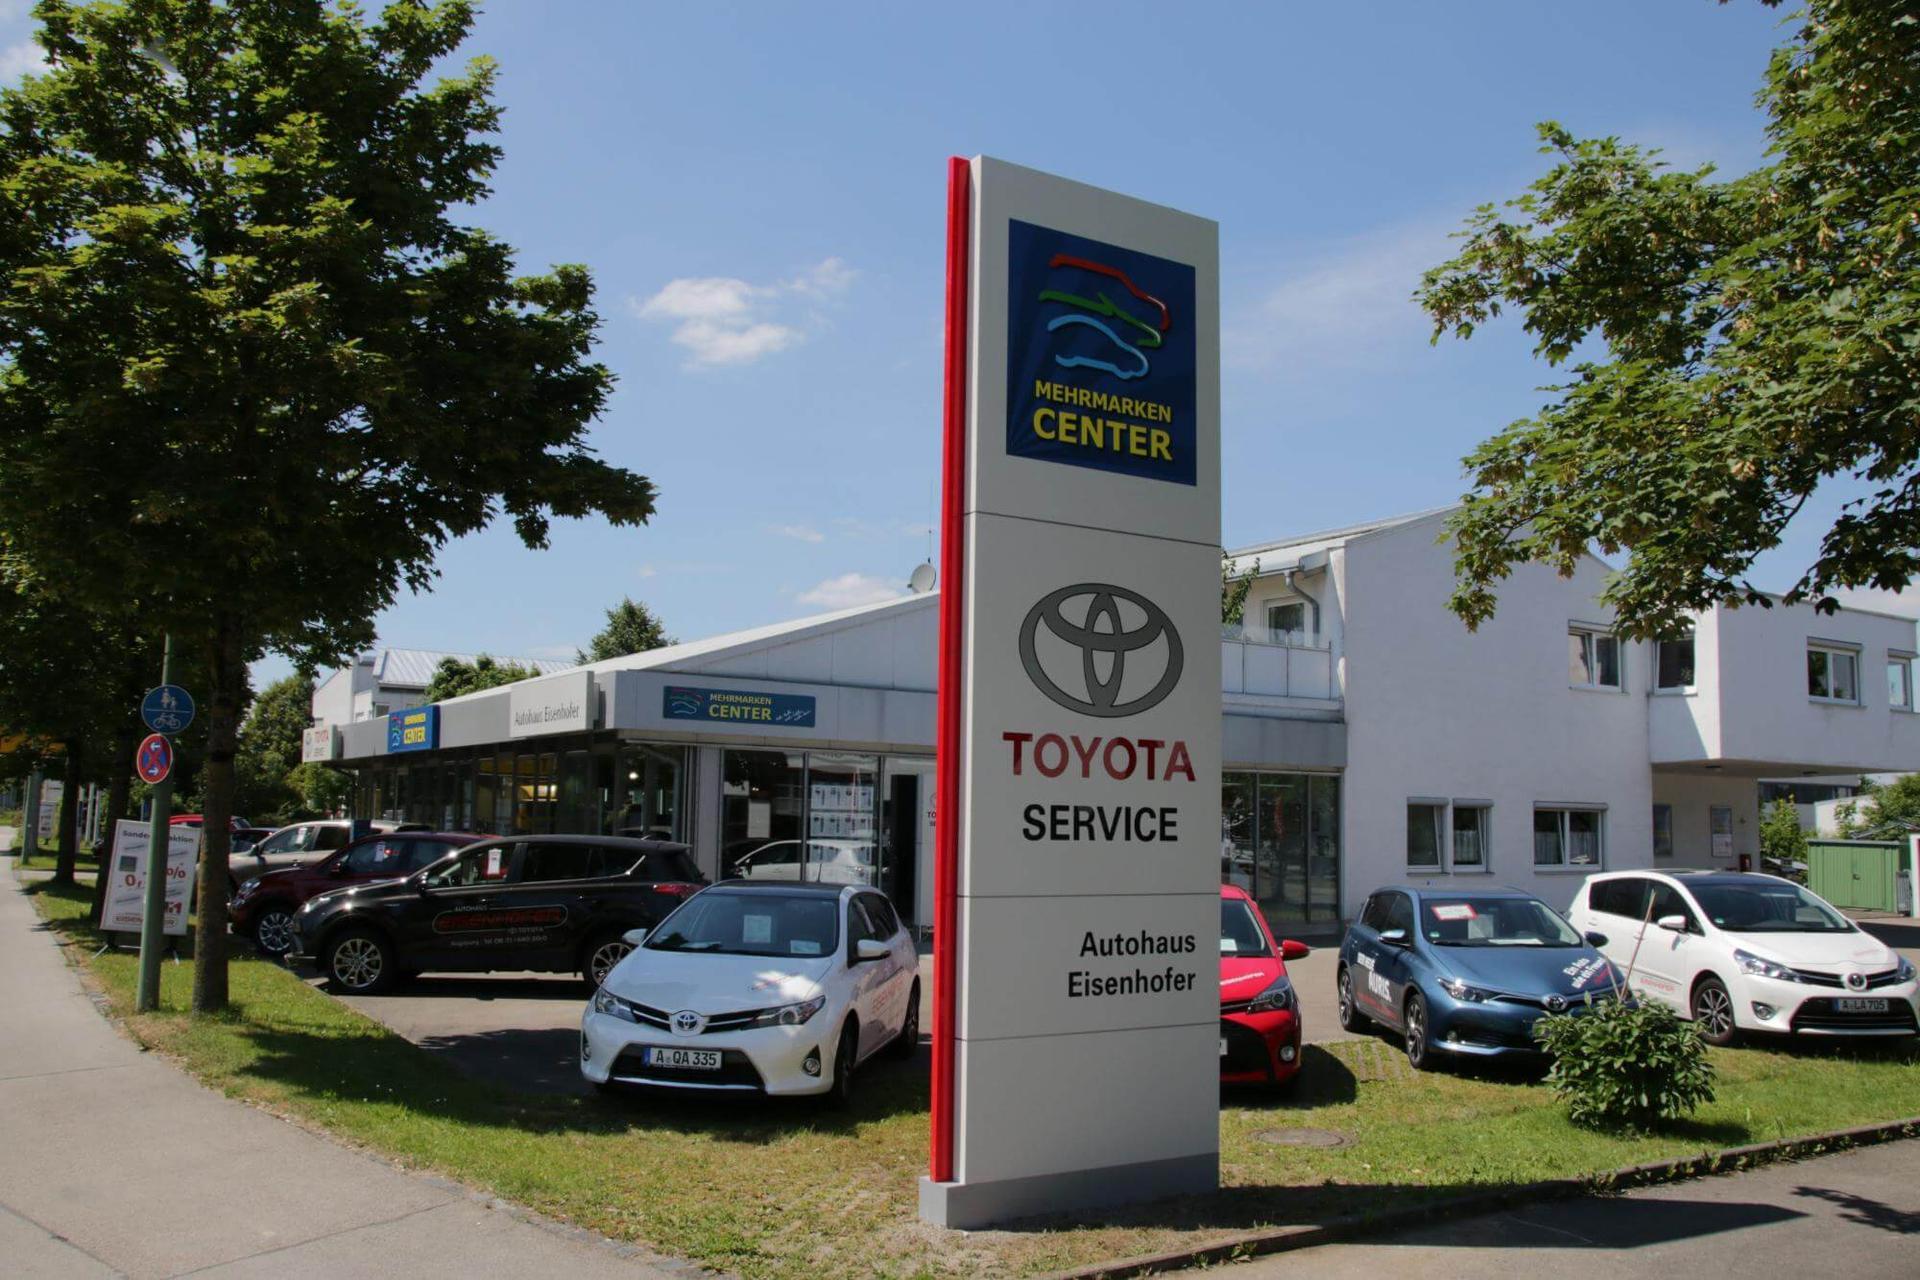 Autohaus Eisenhofer - ein Familienbetrieb mit Herz. MEHRMARKEN CENTER und Toyota Servicepartner. Autohaus Eisenhofer in Augsburg  mit über 100-jähriger Tradition.